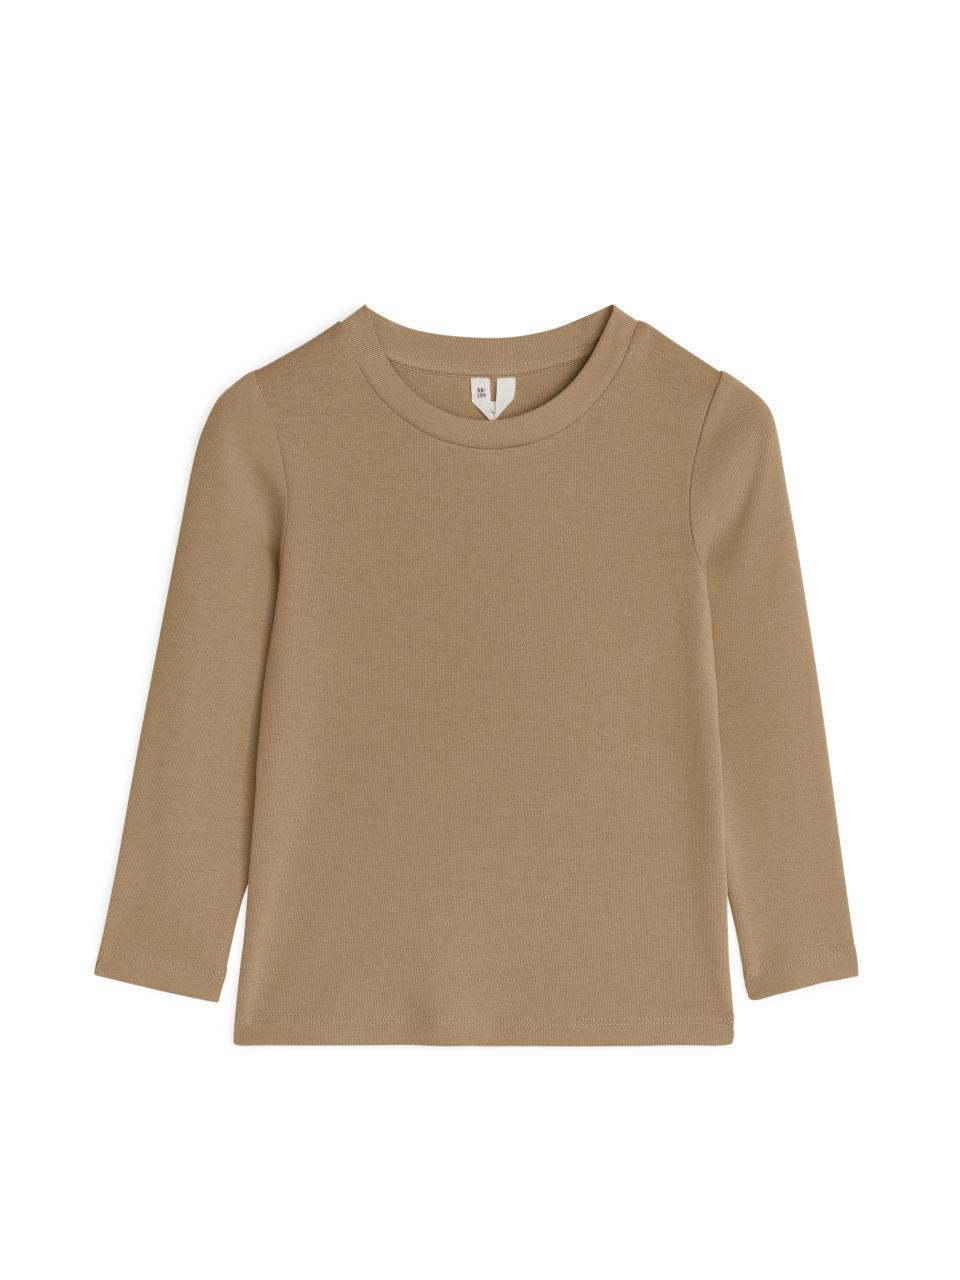 Long Sleeve T-Shirt - Beige